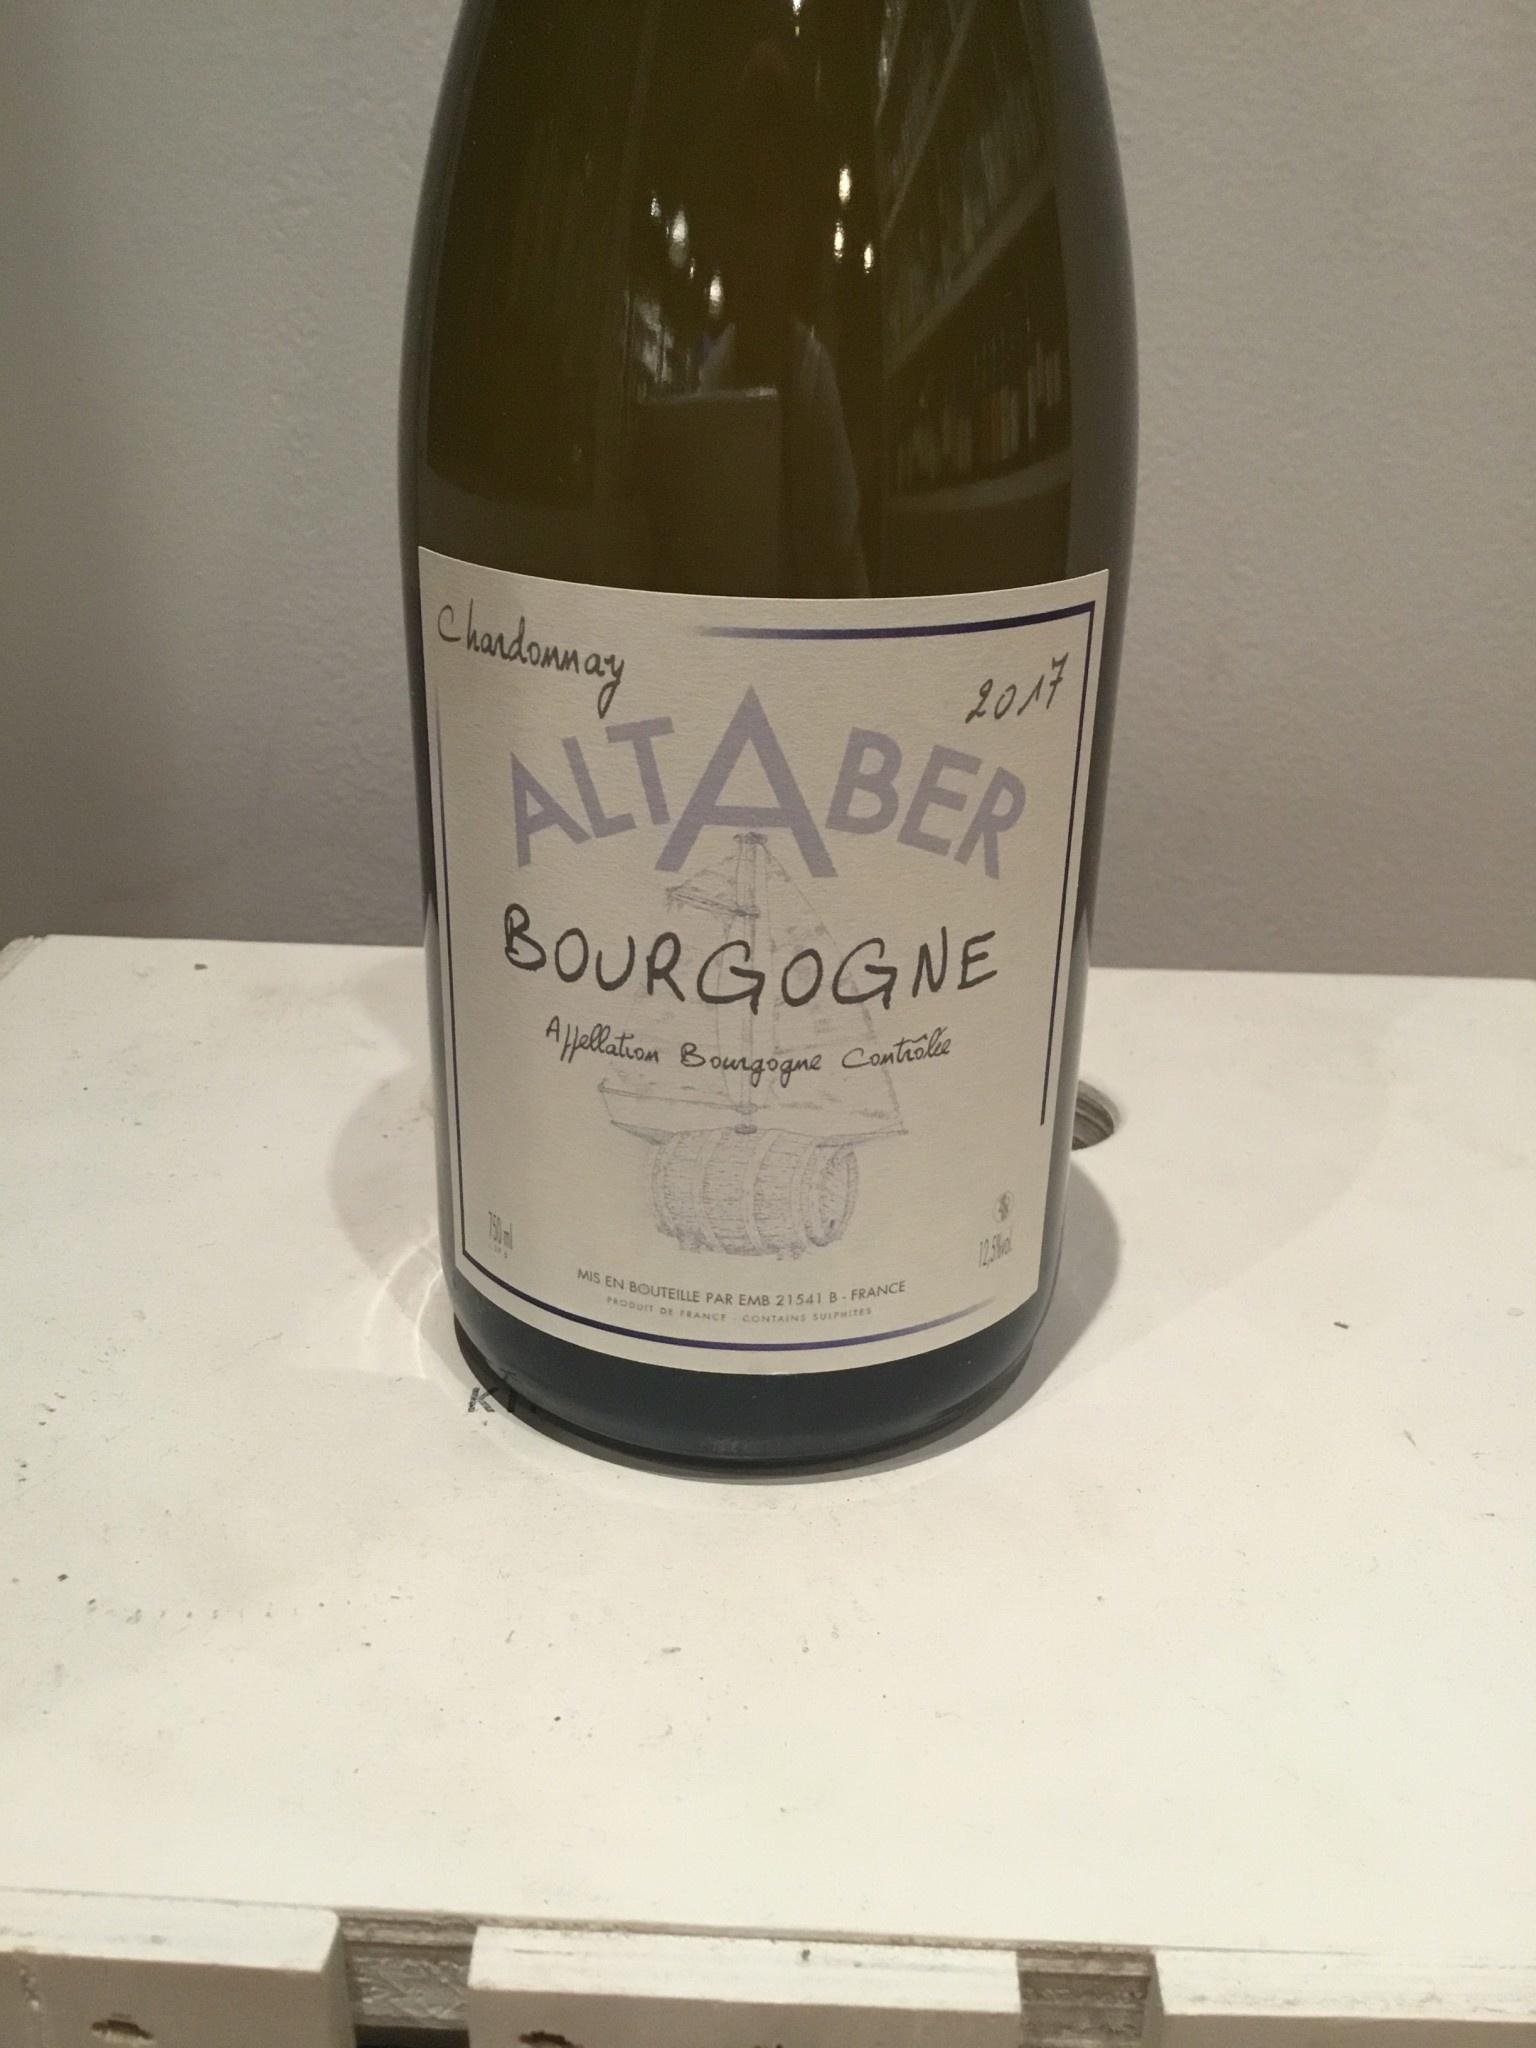 2017 Altaber Bourgogne Blanc, 750ml